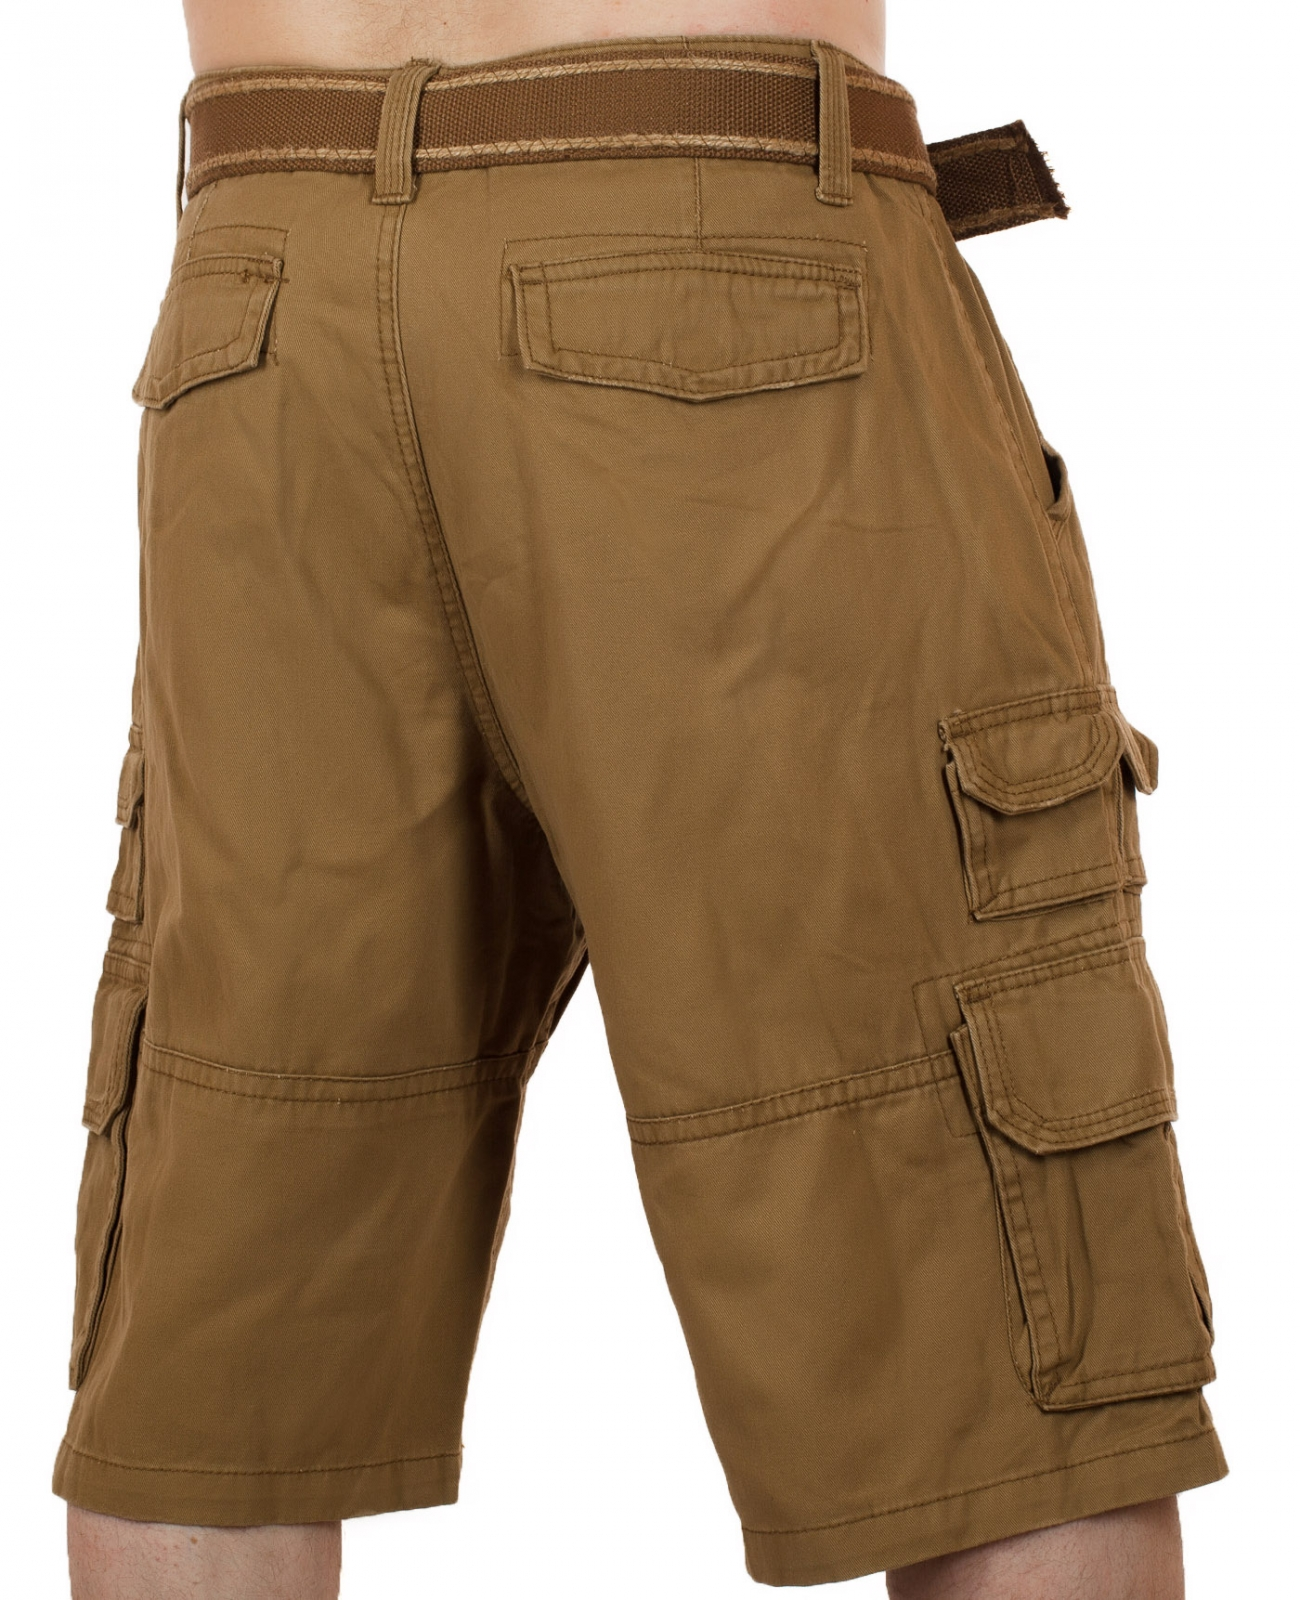 Заказать коричневые шорты для мужчин (Iron Co., США)